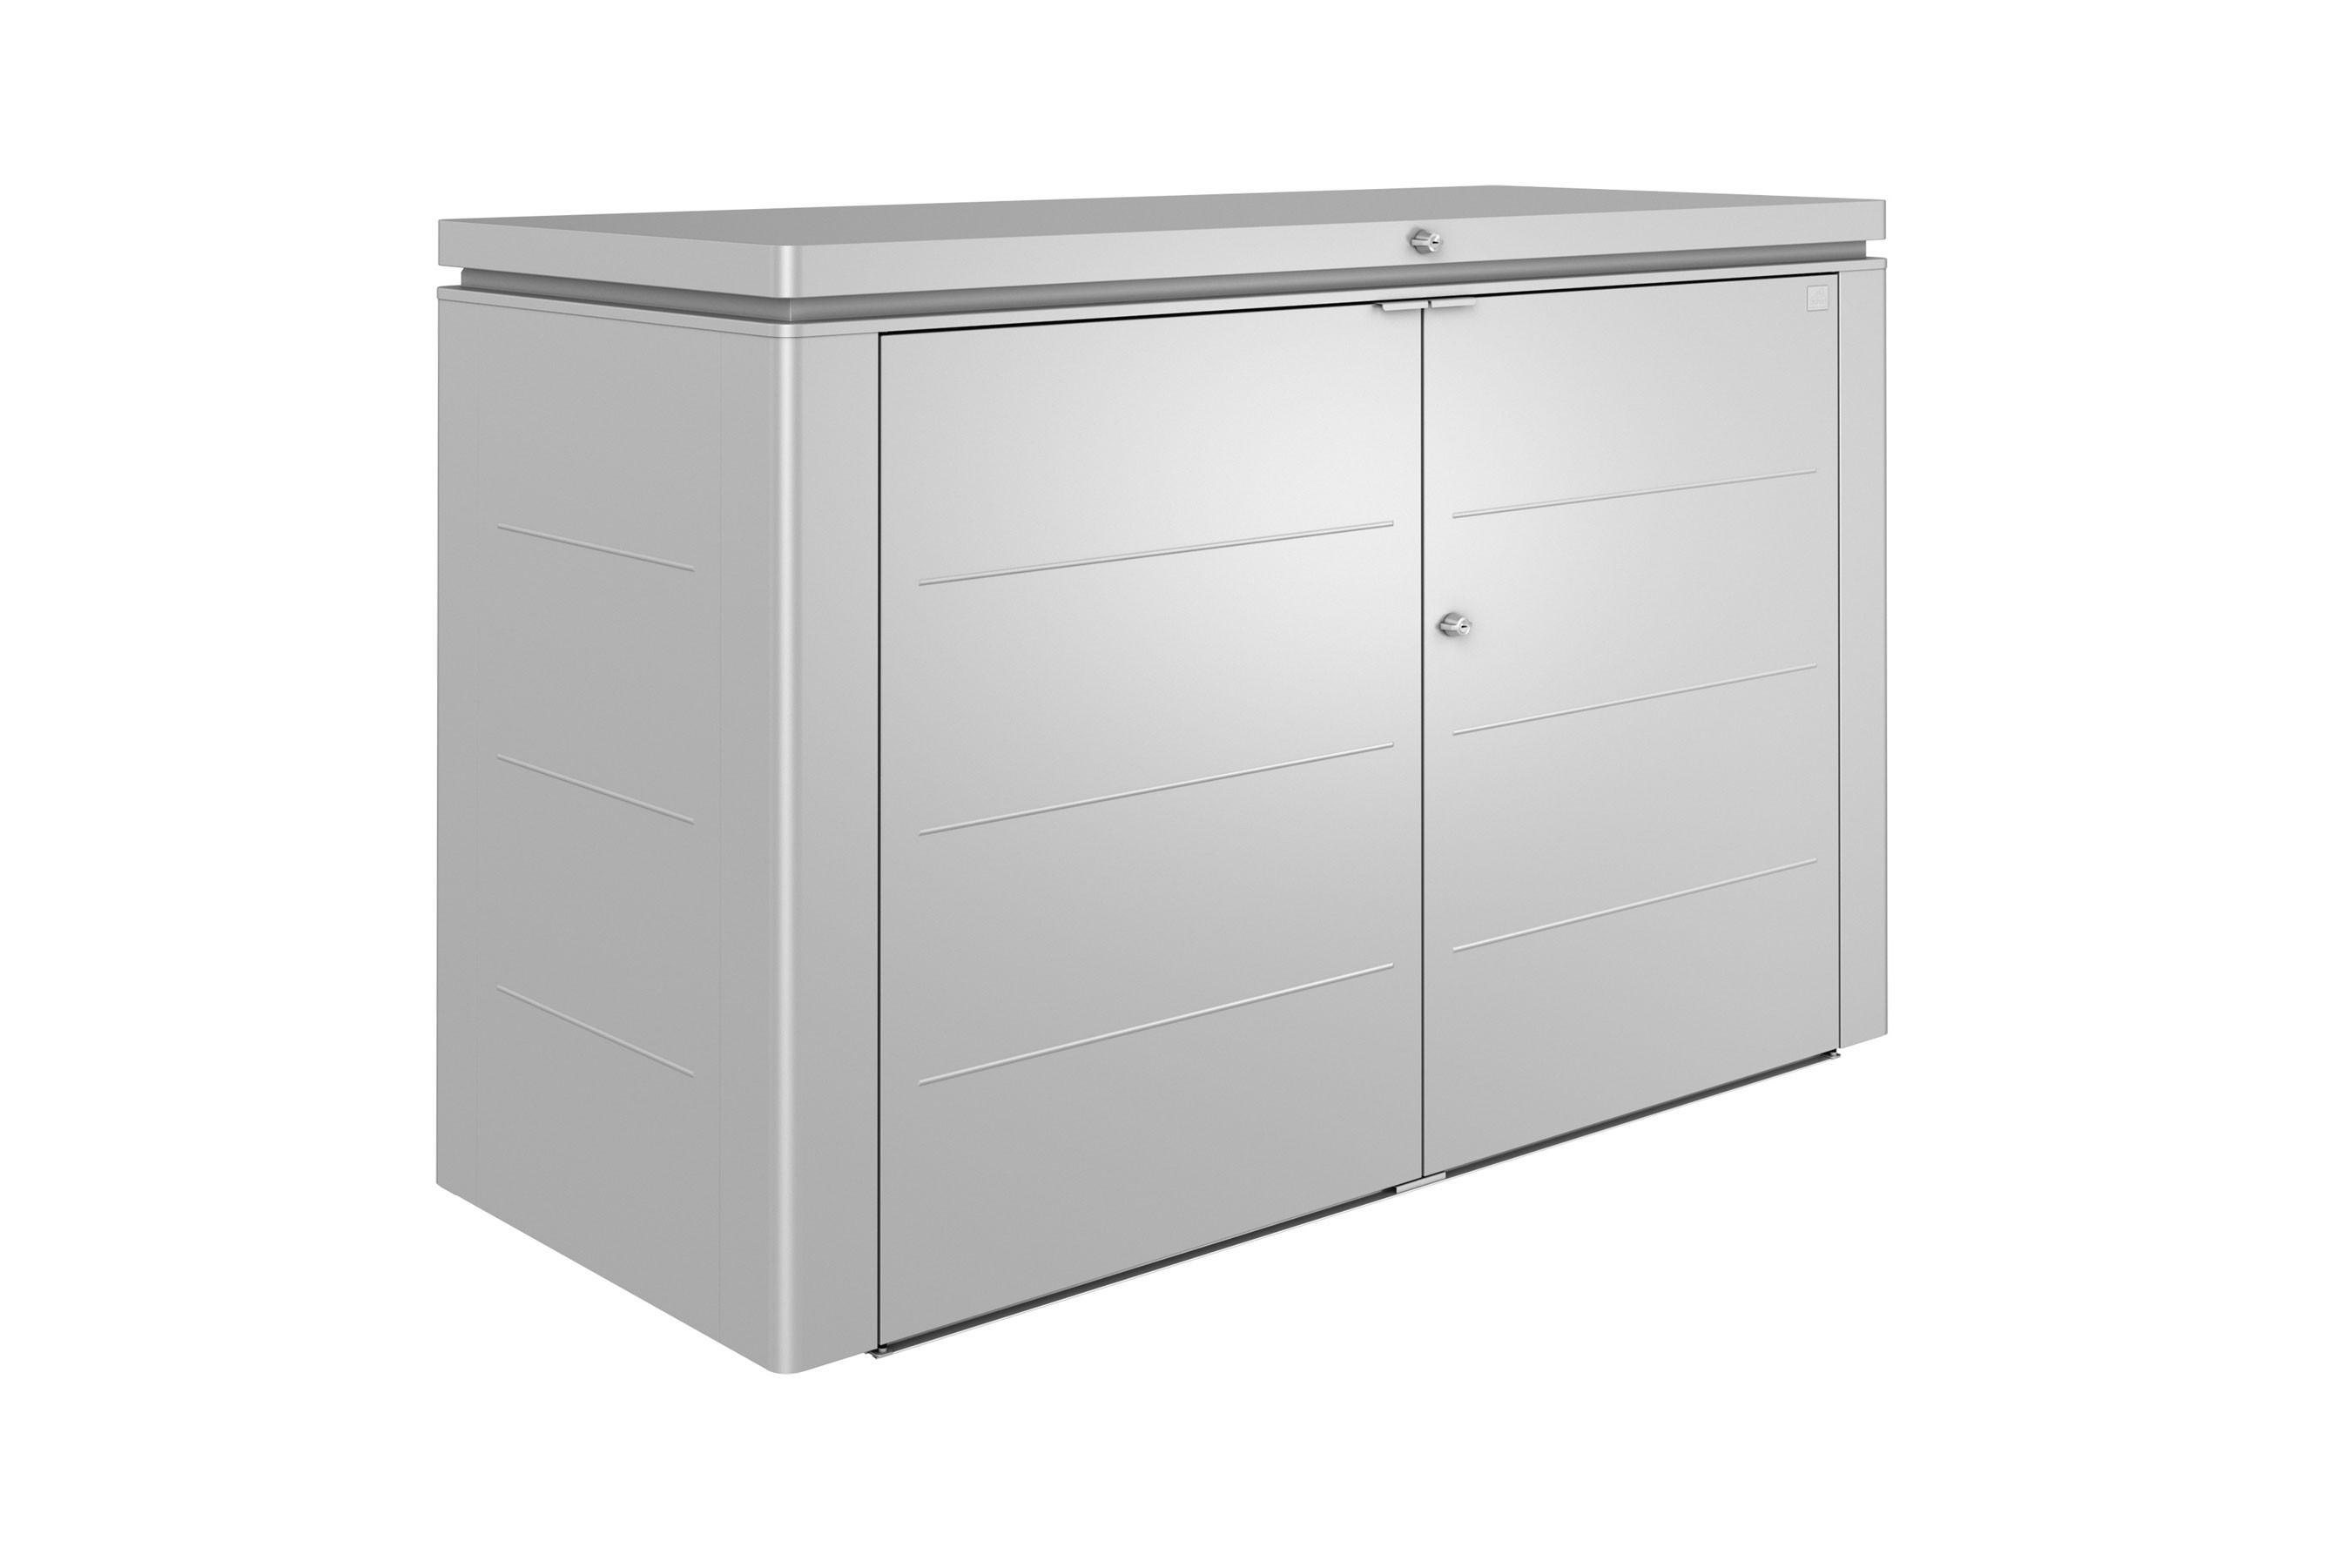 biohort ger teschrank highboard gr 200 silber. Black Bedroom Furniture Sets. Home Design Ideas